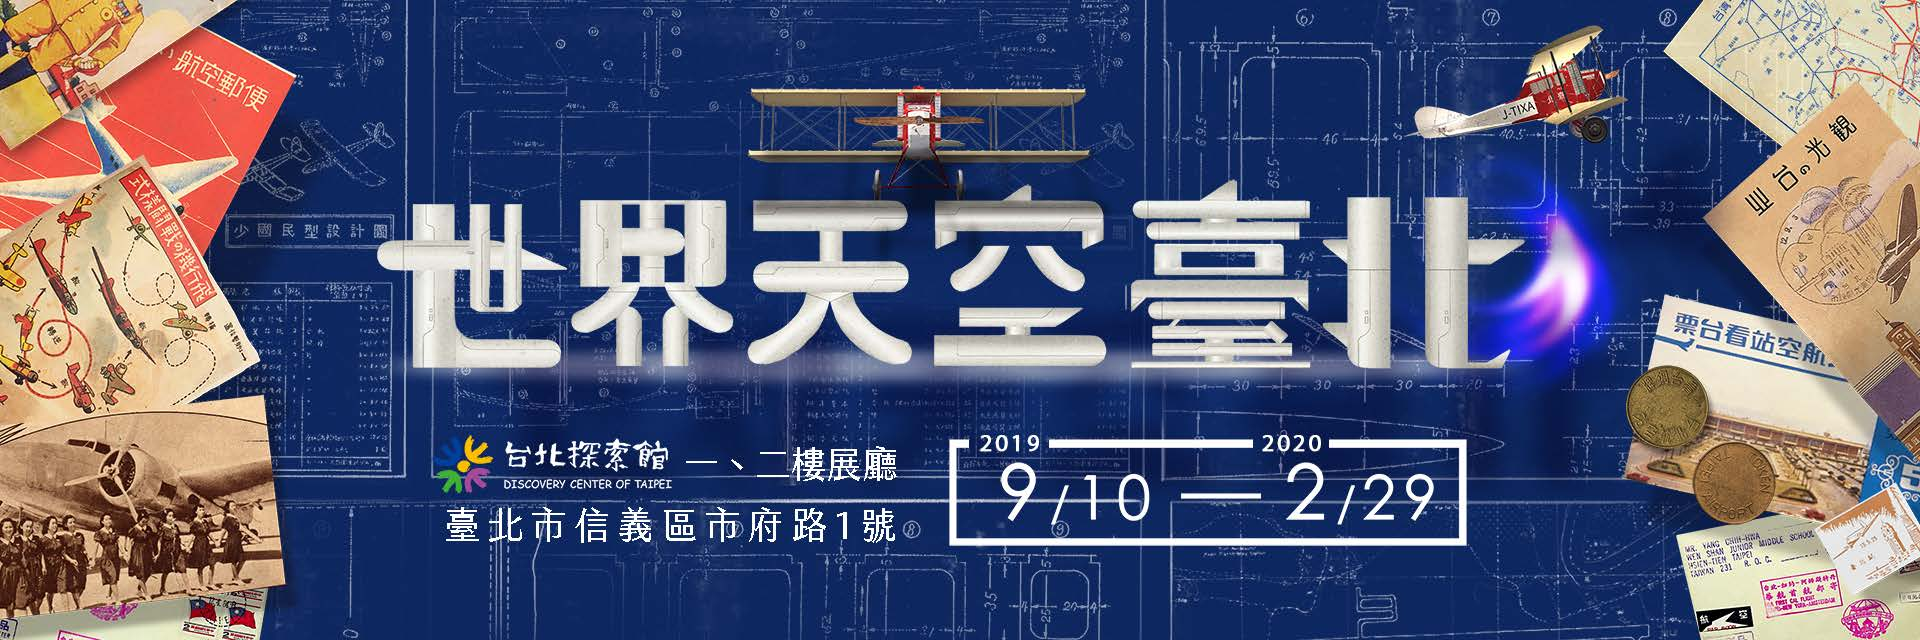 二樓特展廳現正展出-臺北航空展